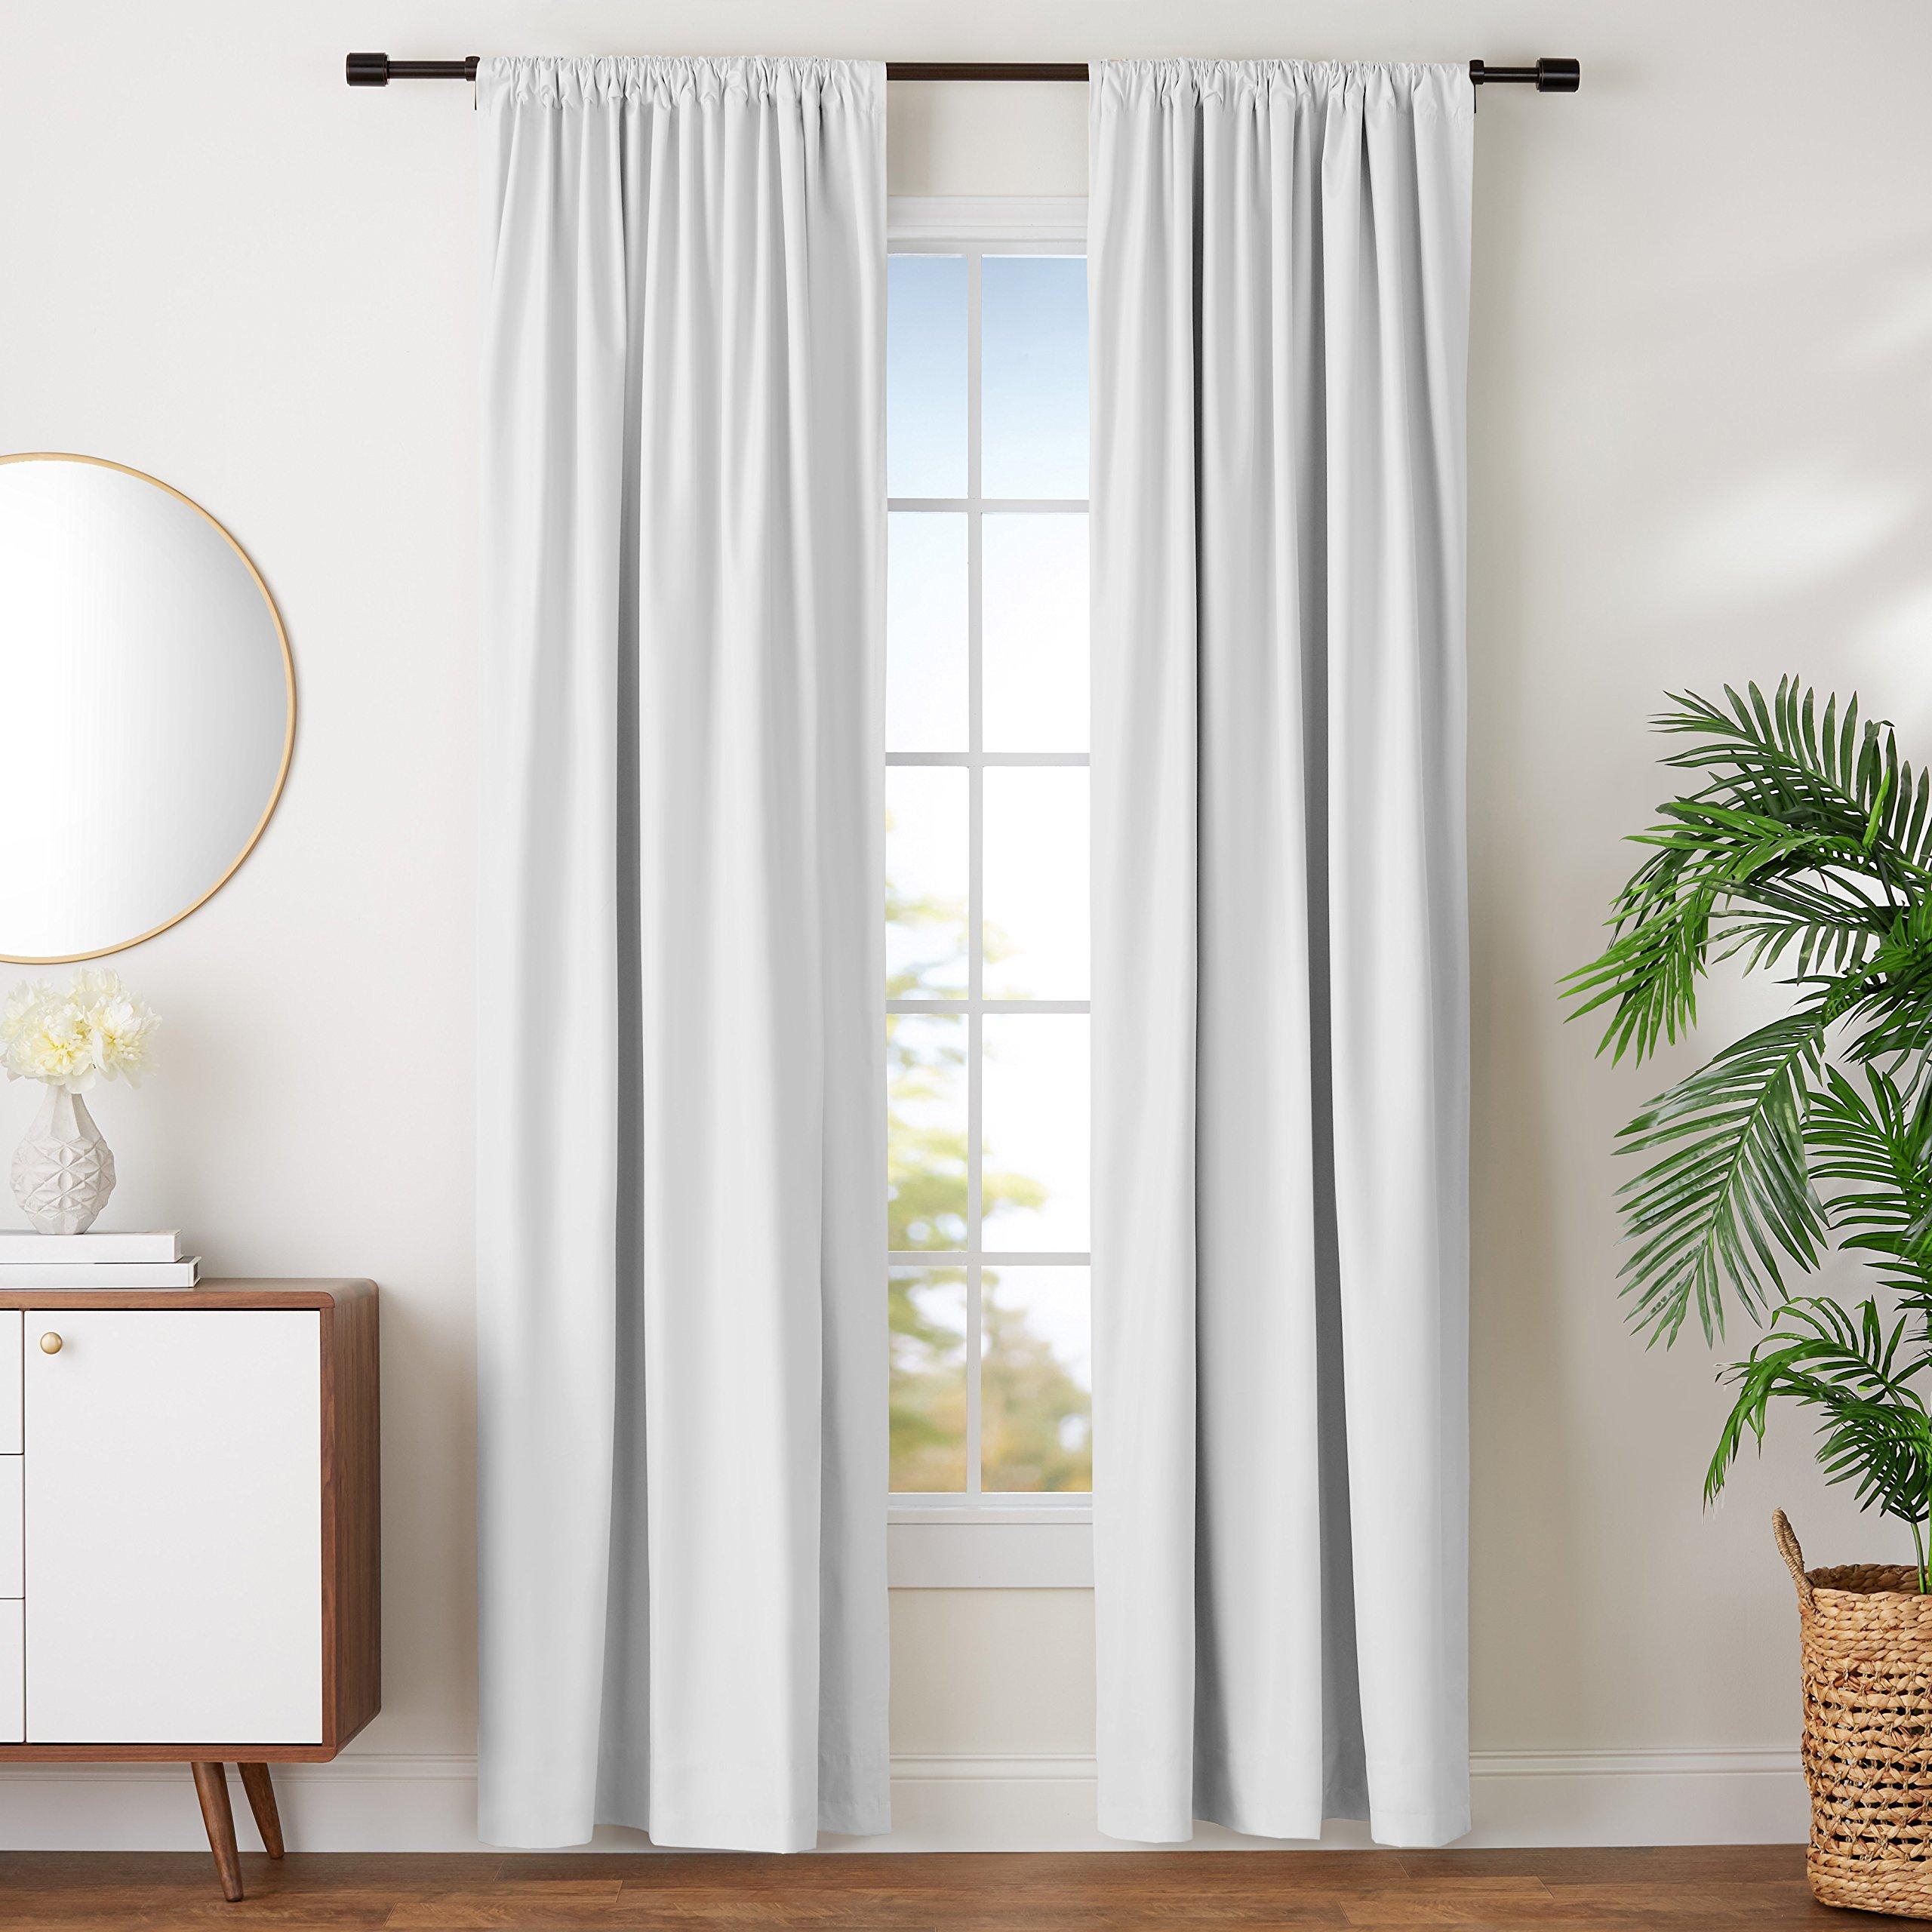 AmazonBasics Room Darkening Blackout Window Curtains with Tie Backs Set, 52'' x 96'', White by AmazonBasics